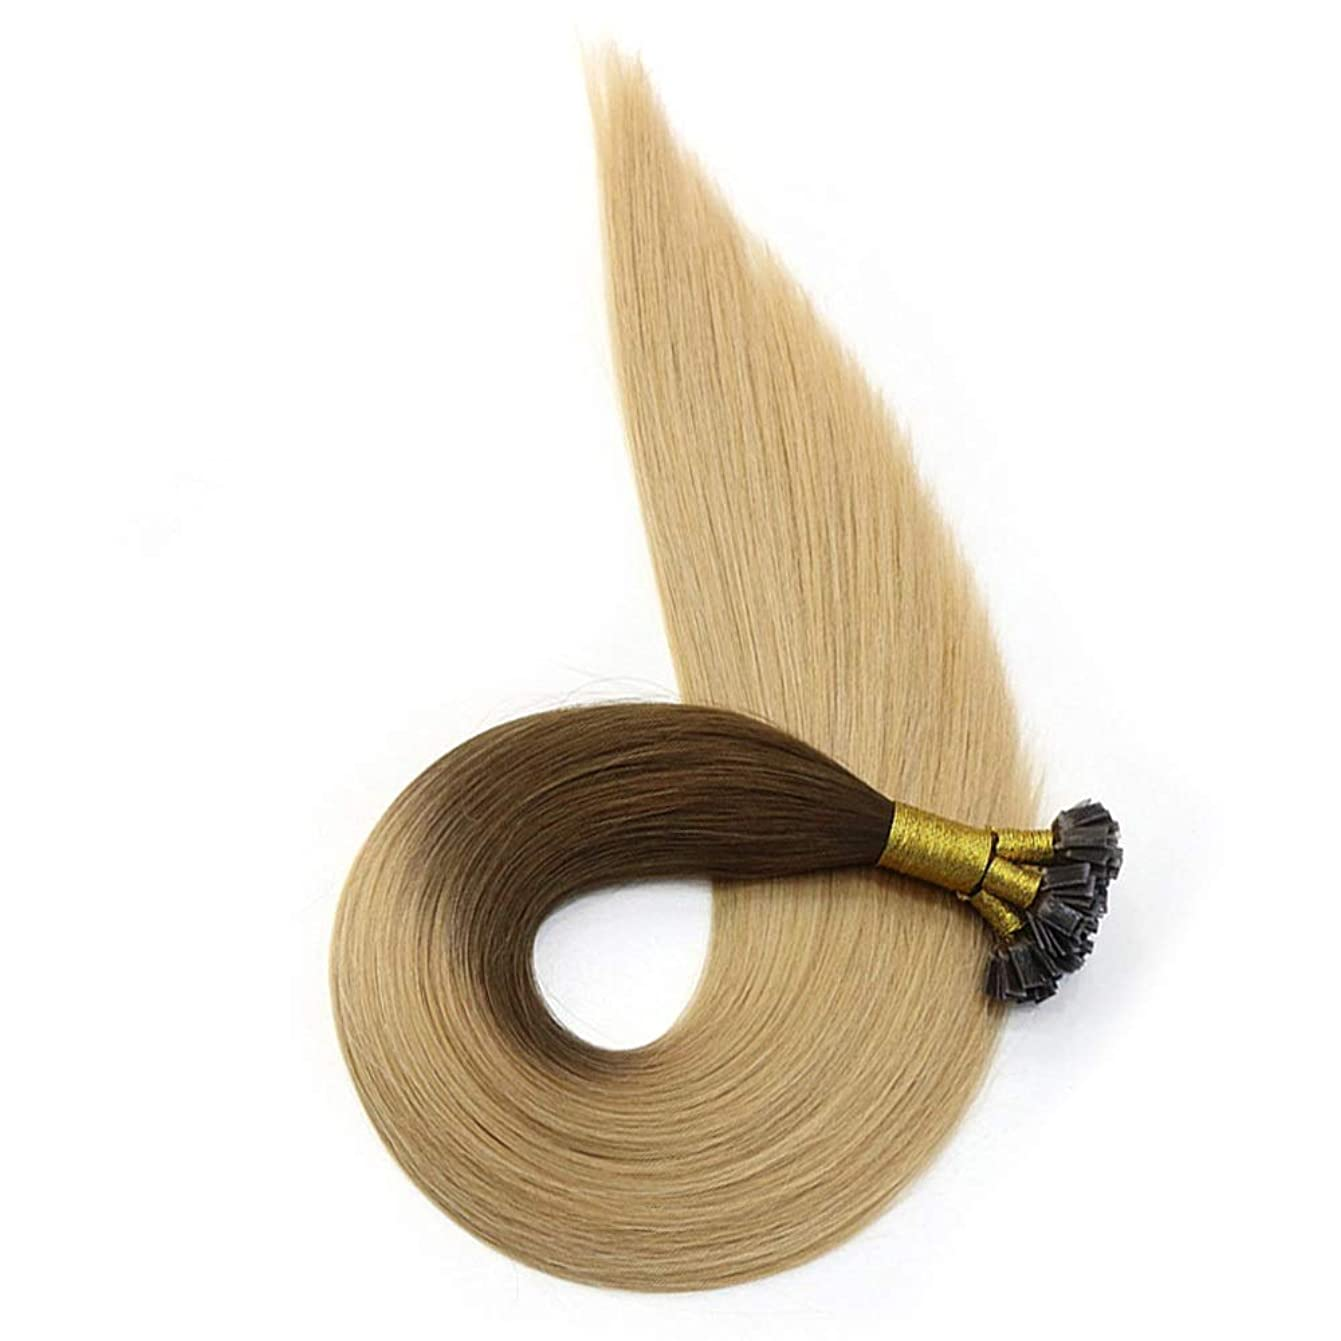 偶然のブレス無臭JULYTER 漂白剤のブロンドカラーのナノリングの毛延長と強調される100%の人間のRemyの毛の不明瞭なブラウン (色 : Blonde, サイズ : 10 inch)